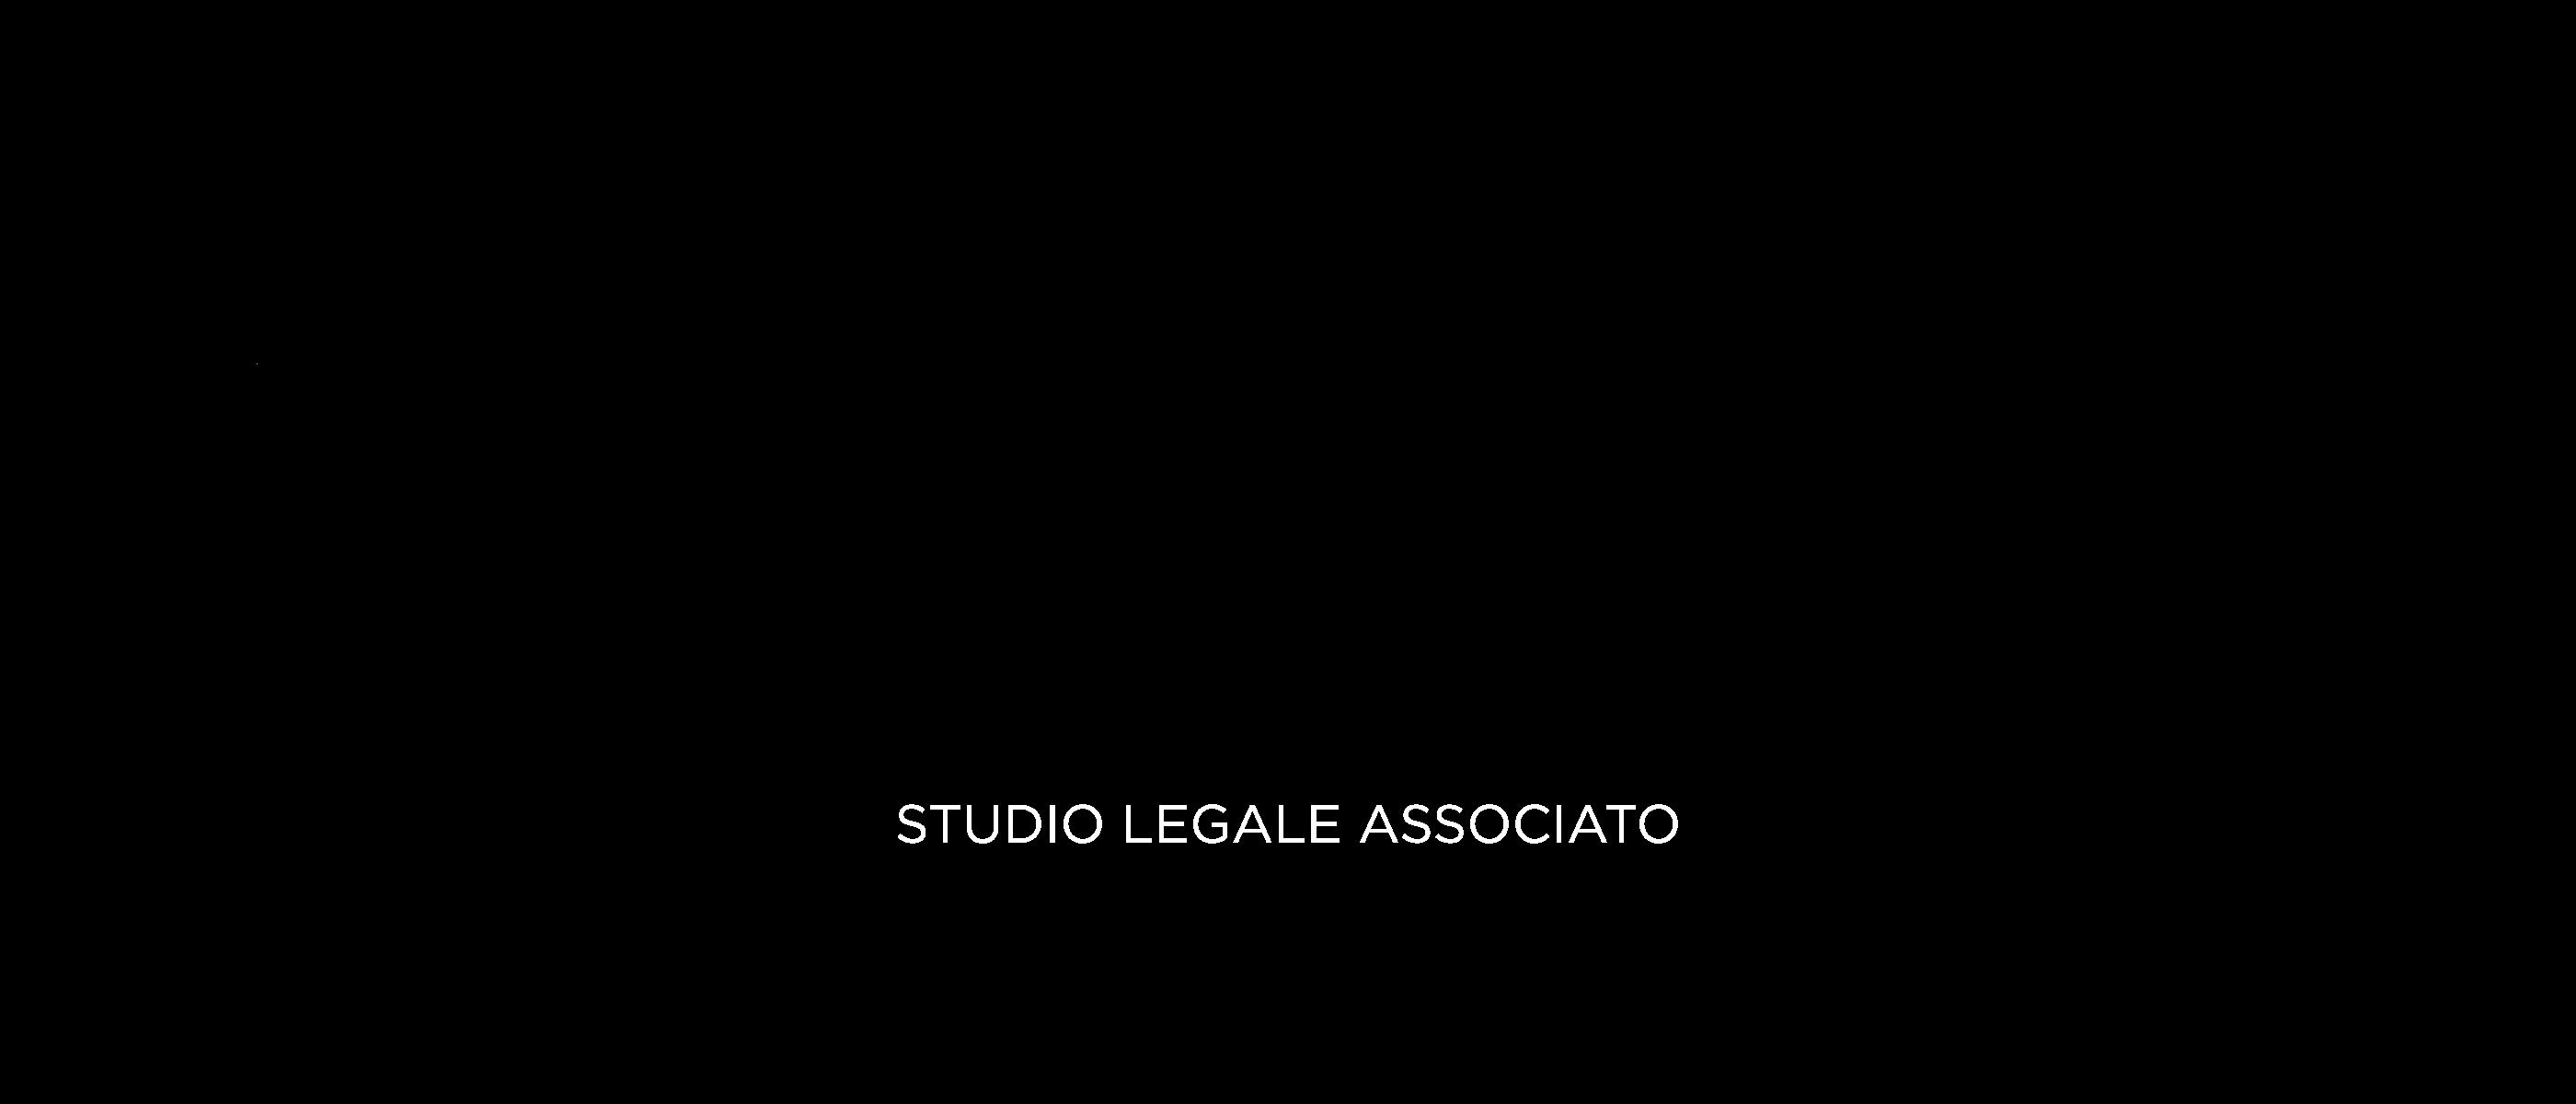 Lo studio legale Associato Caramia & Santamato ¨ stato costituito nell ottobre del 2007 dai soci fondatori avv ti Giuseppe Caramia e Daniela Teresa